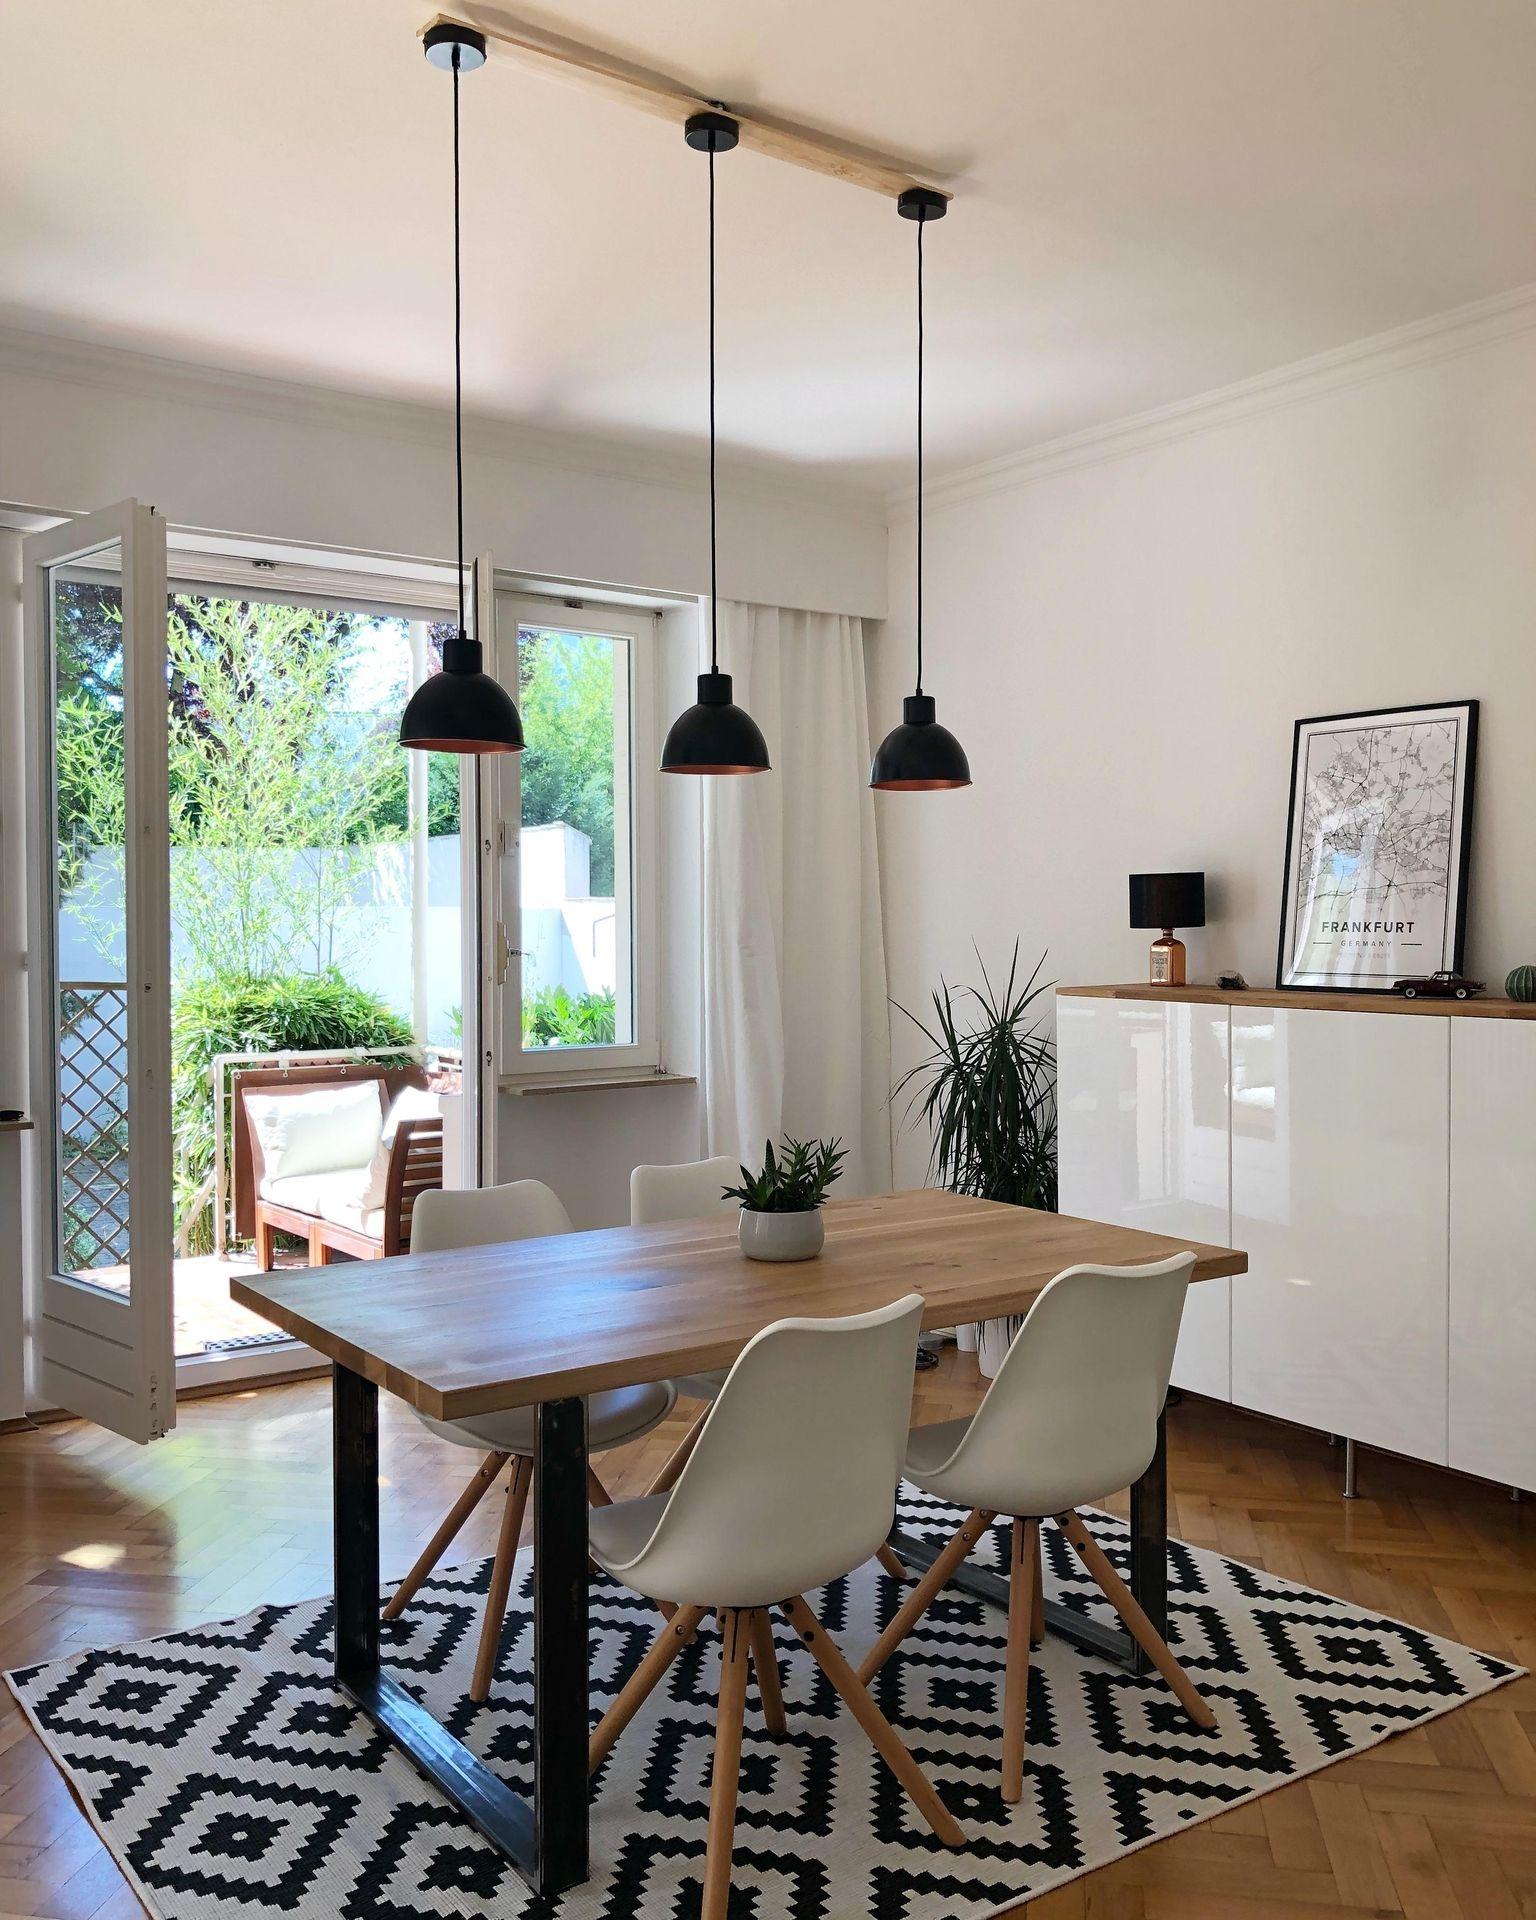 ☀️ #wohnzimmer #couchstyle #home #minimalistisch #scandilook #blackandwhite - schönen Dienstag!